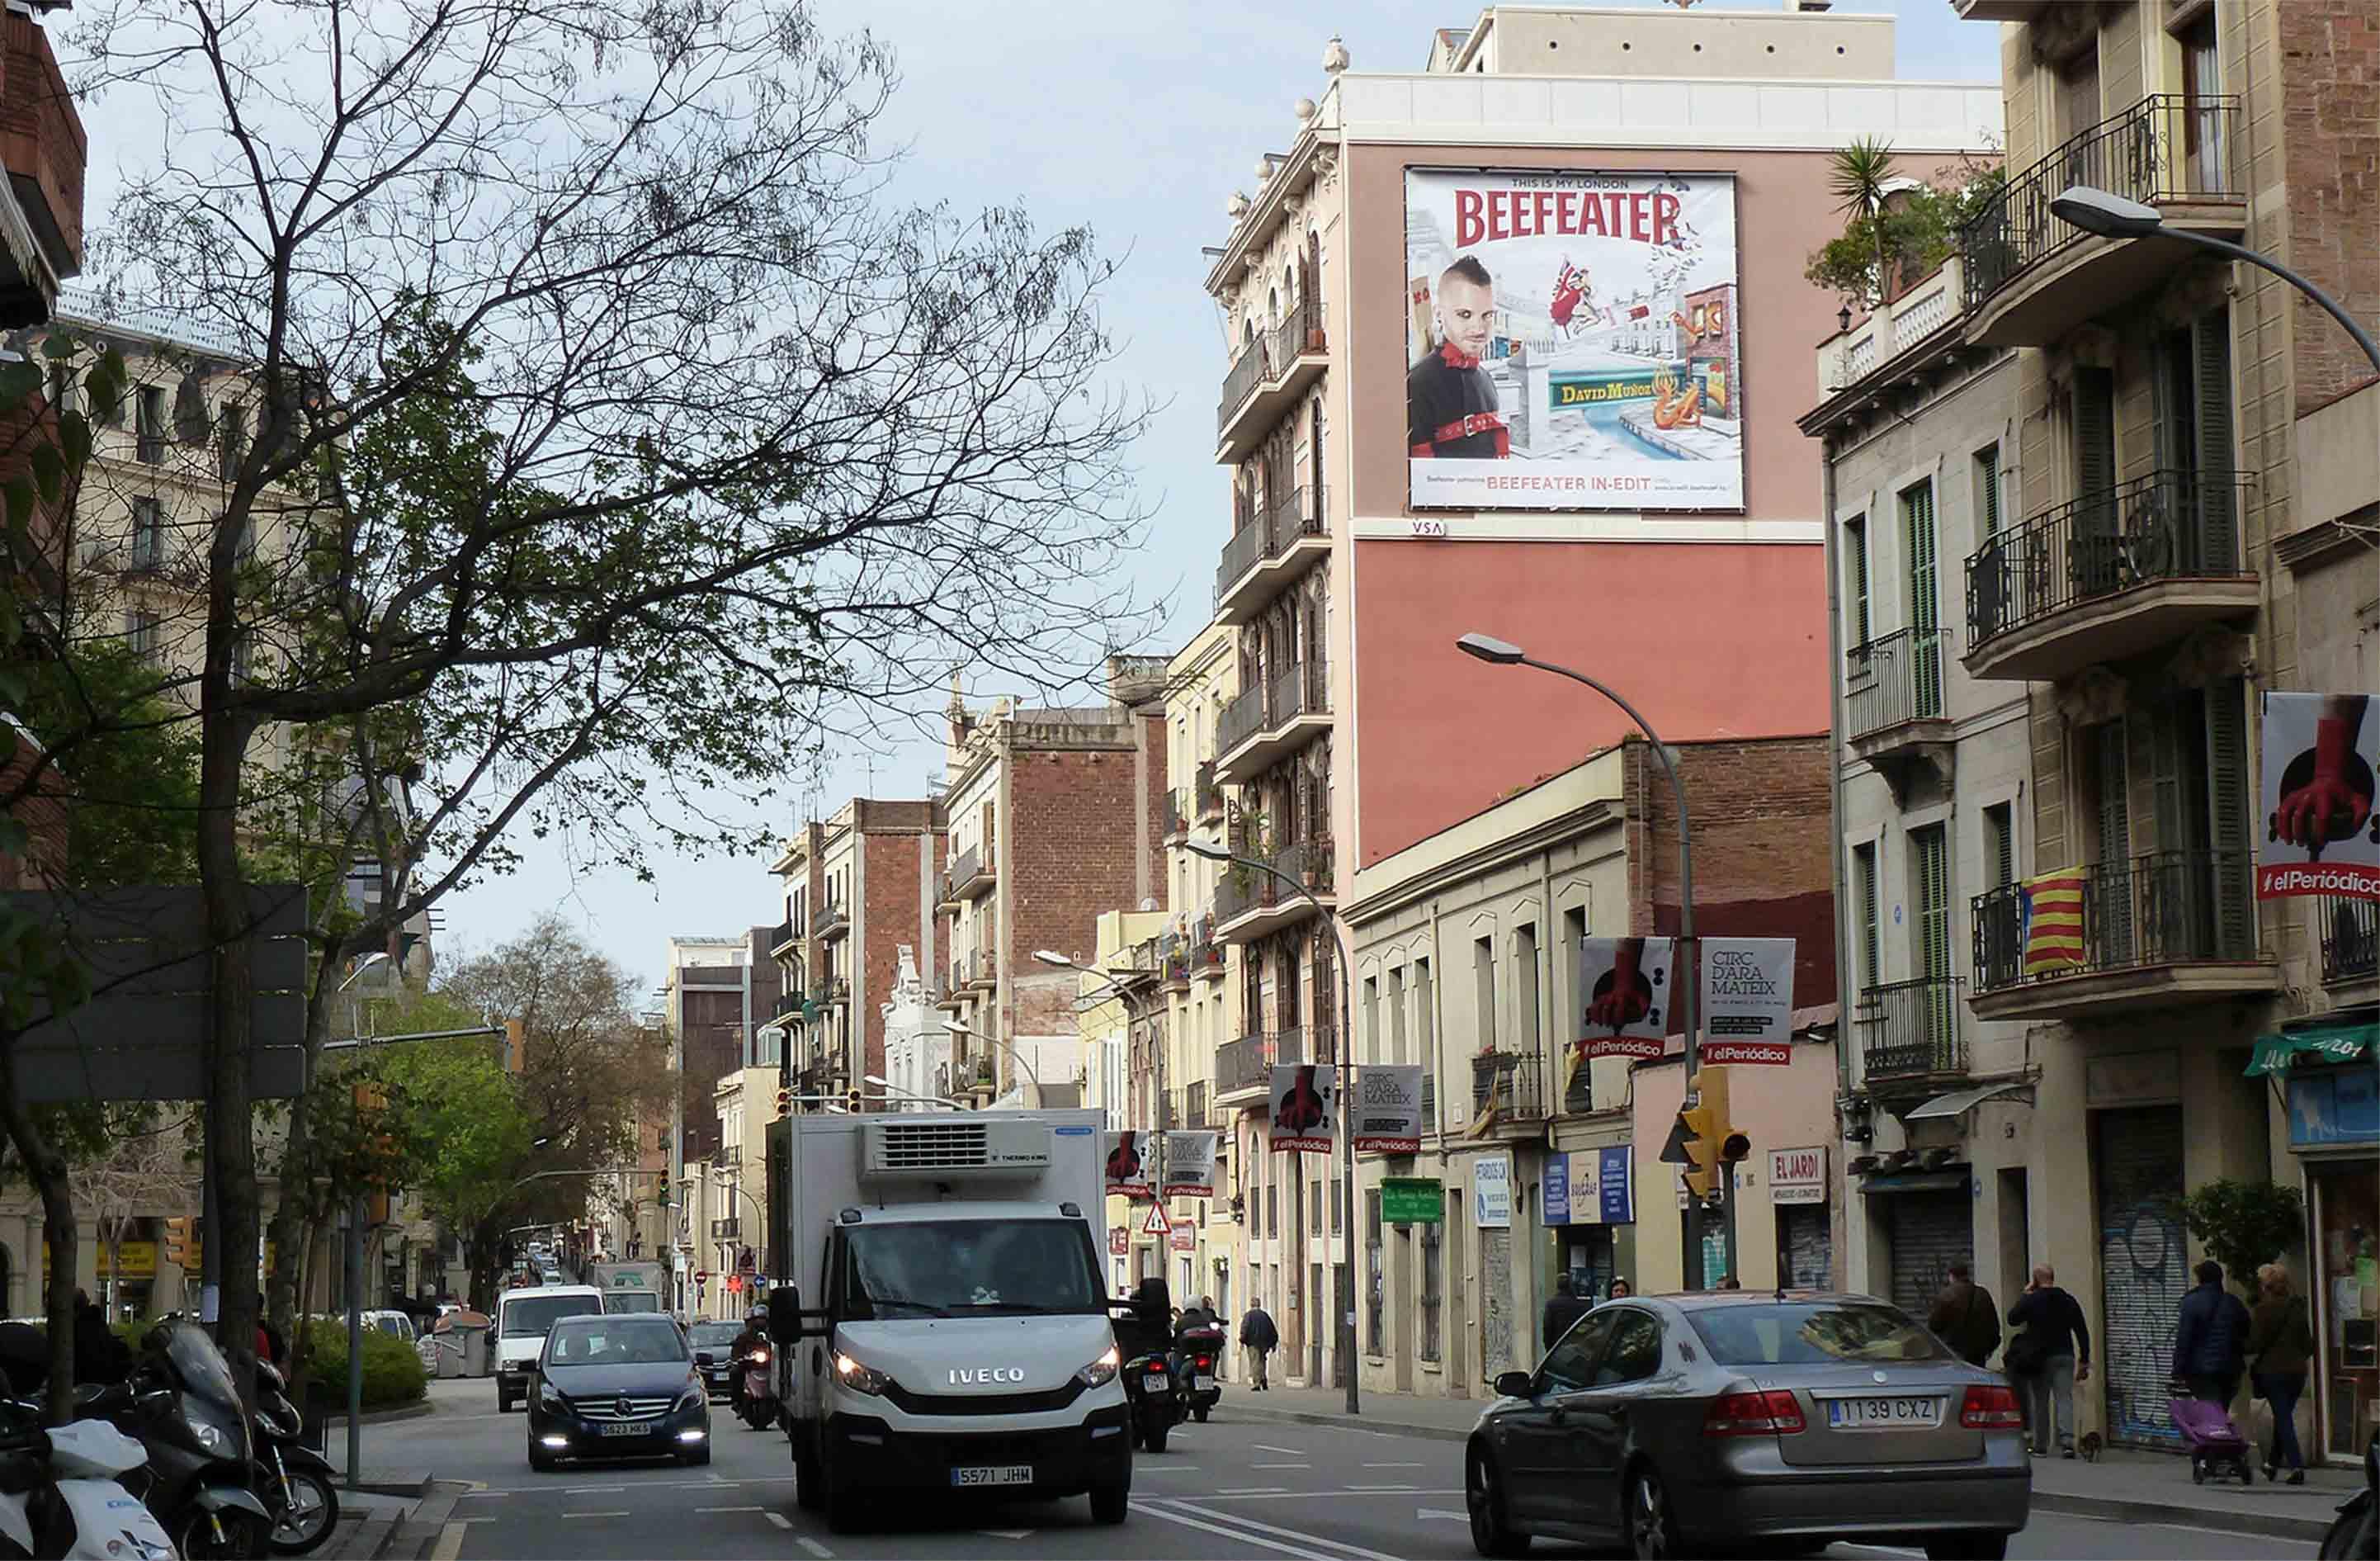 pym-barcelona-travesera-de-gracia-beefeater-inedit-abril-vsa-comunicacion